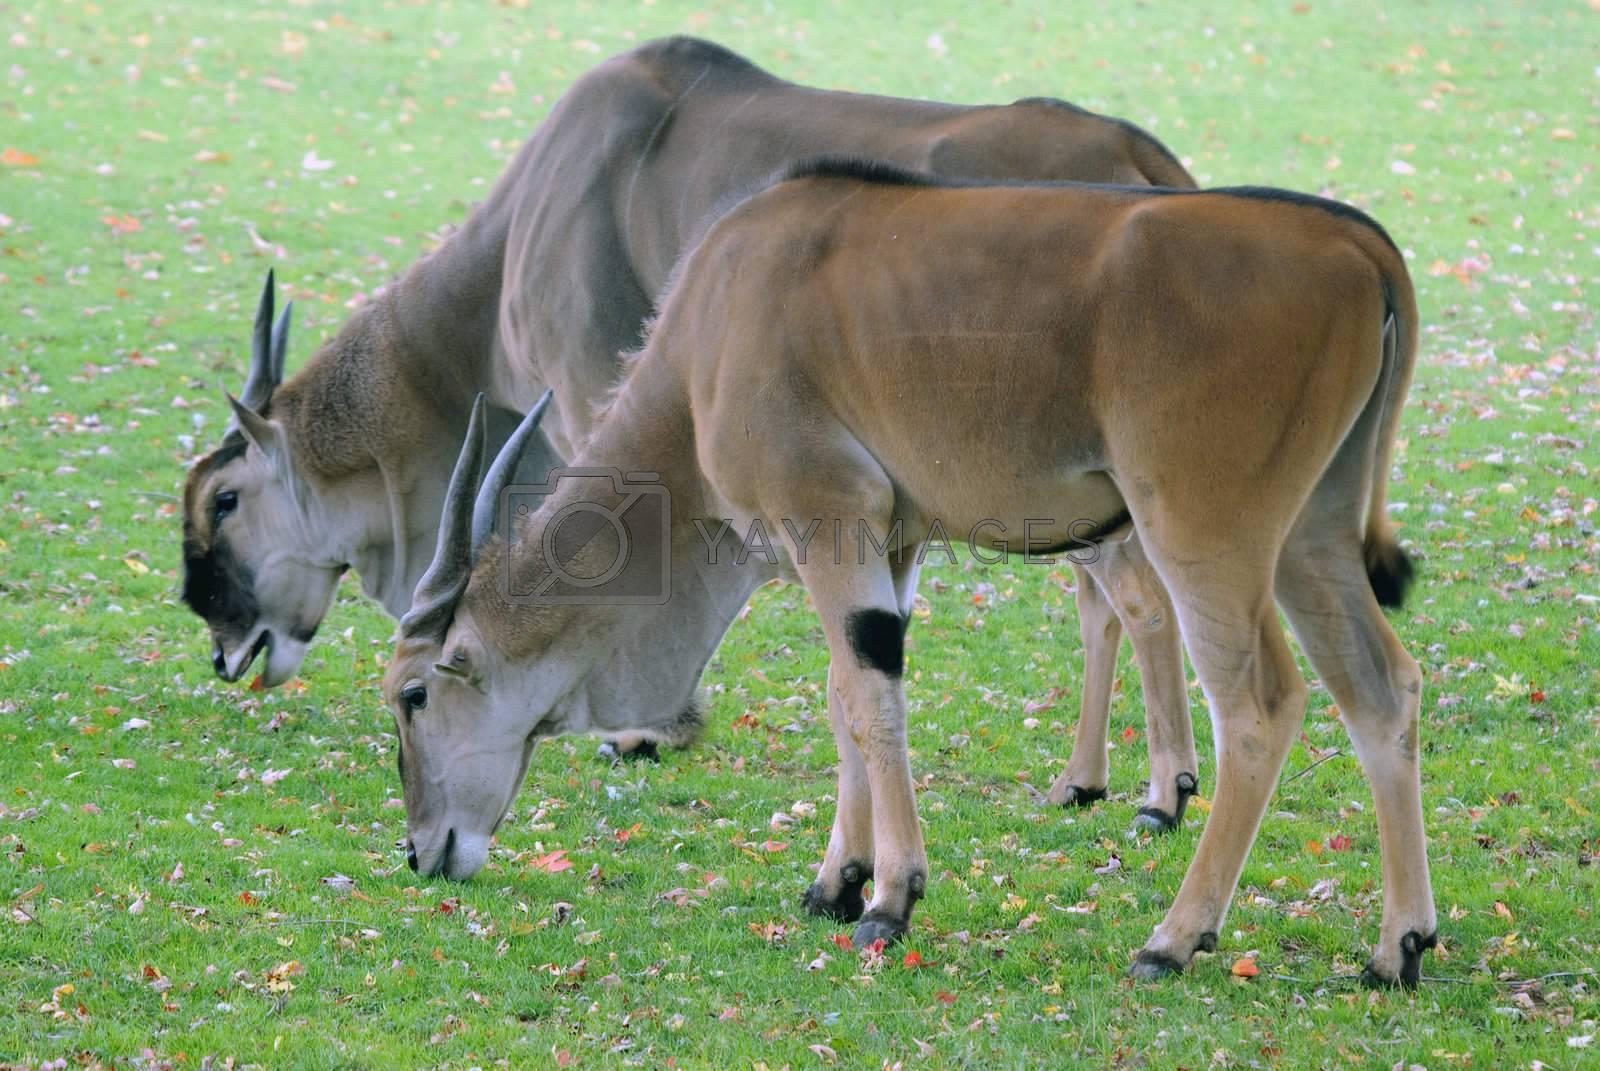 Royalty free image of Antelope by nialat